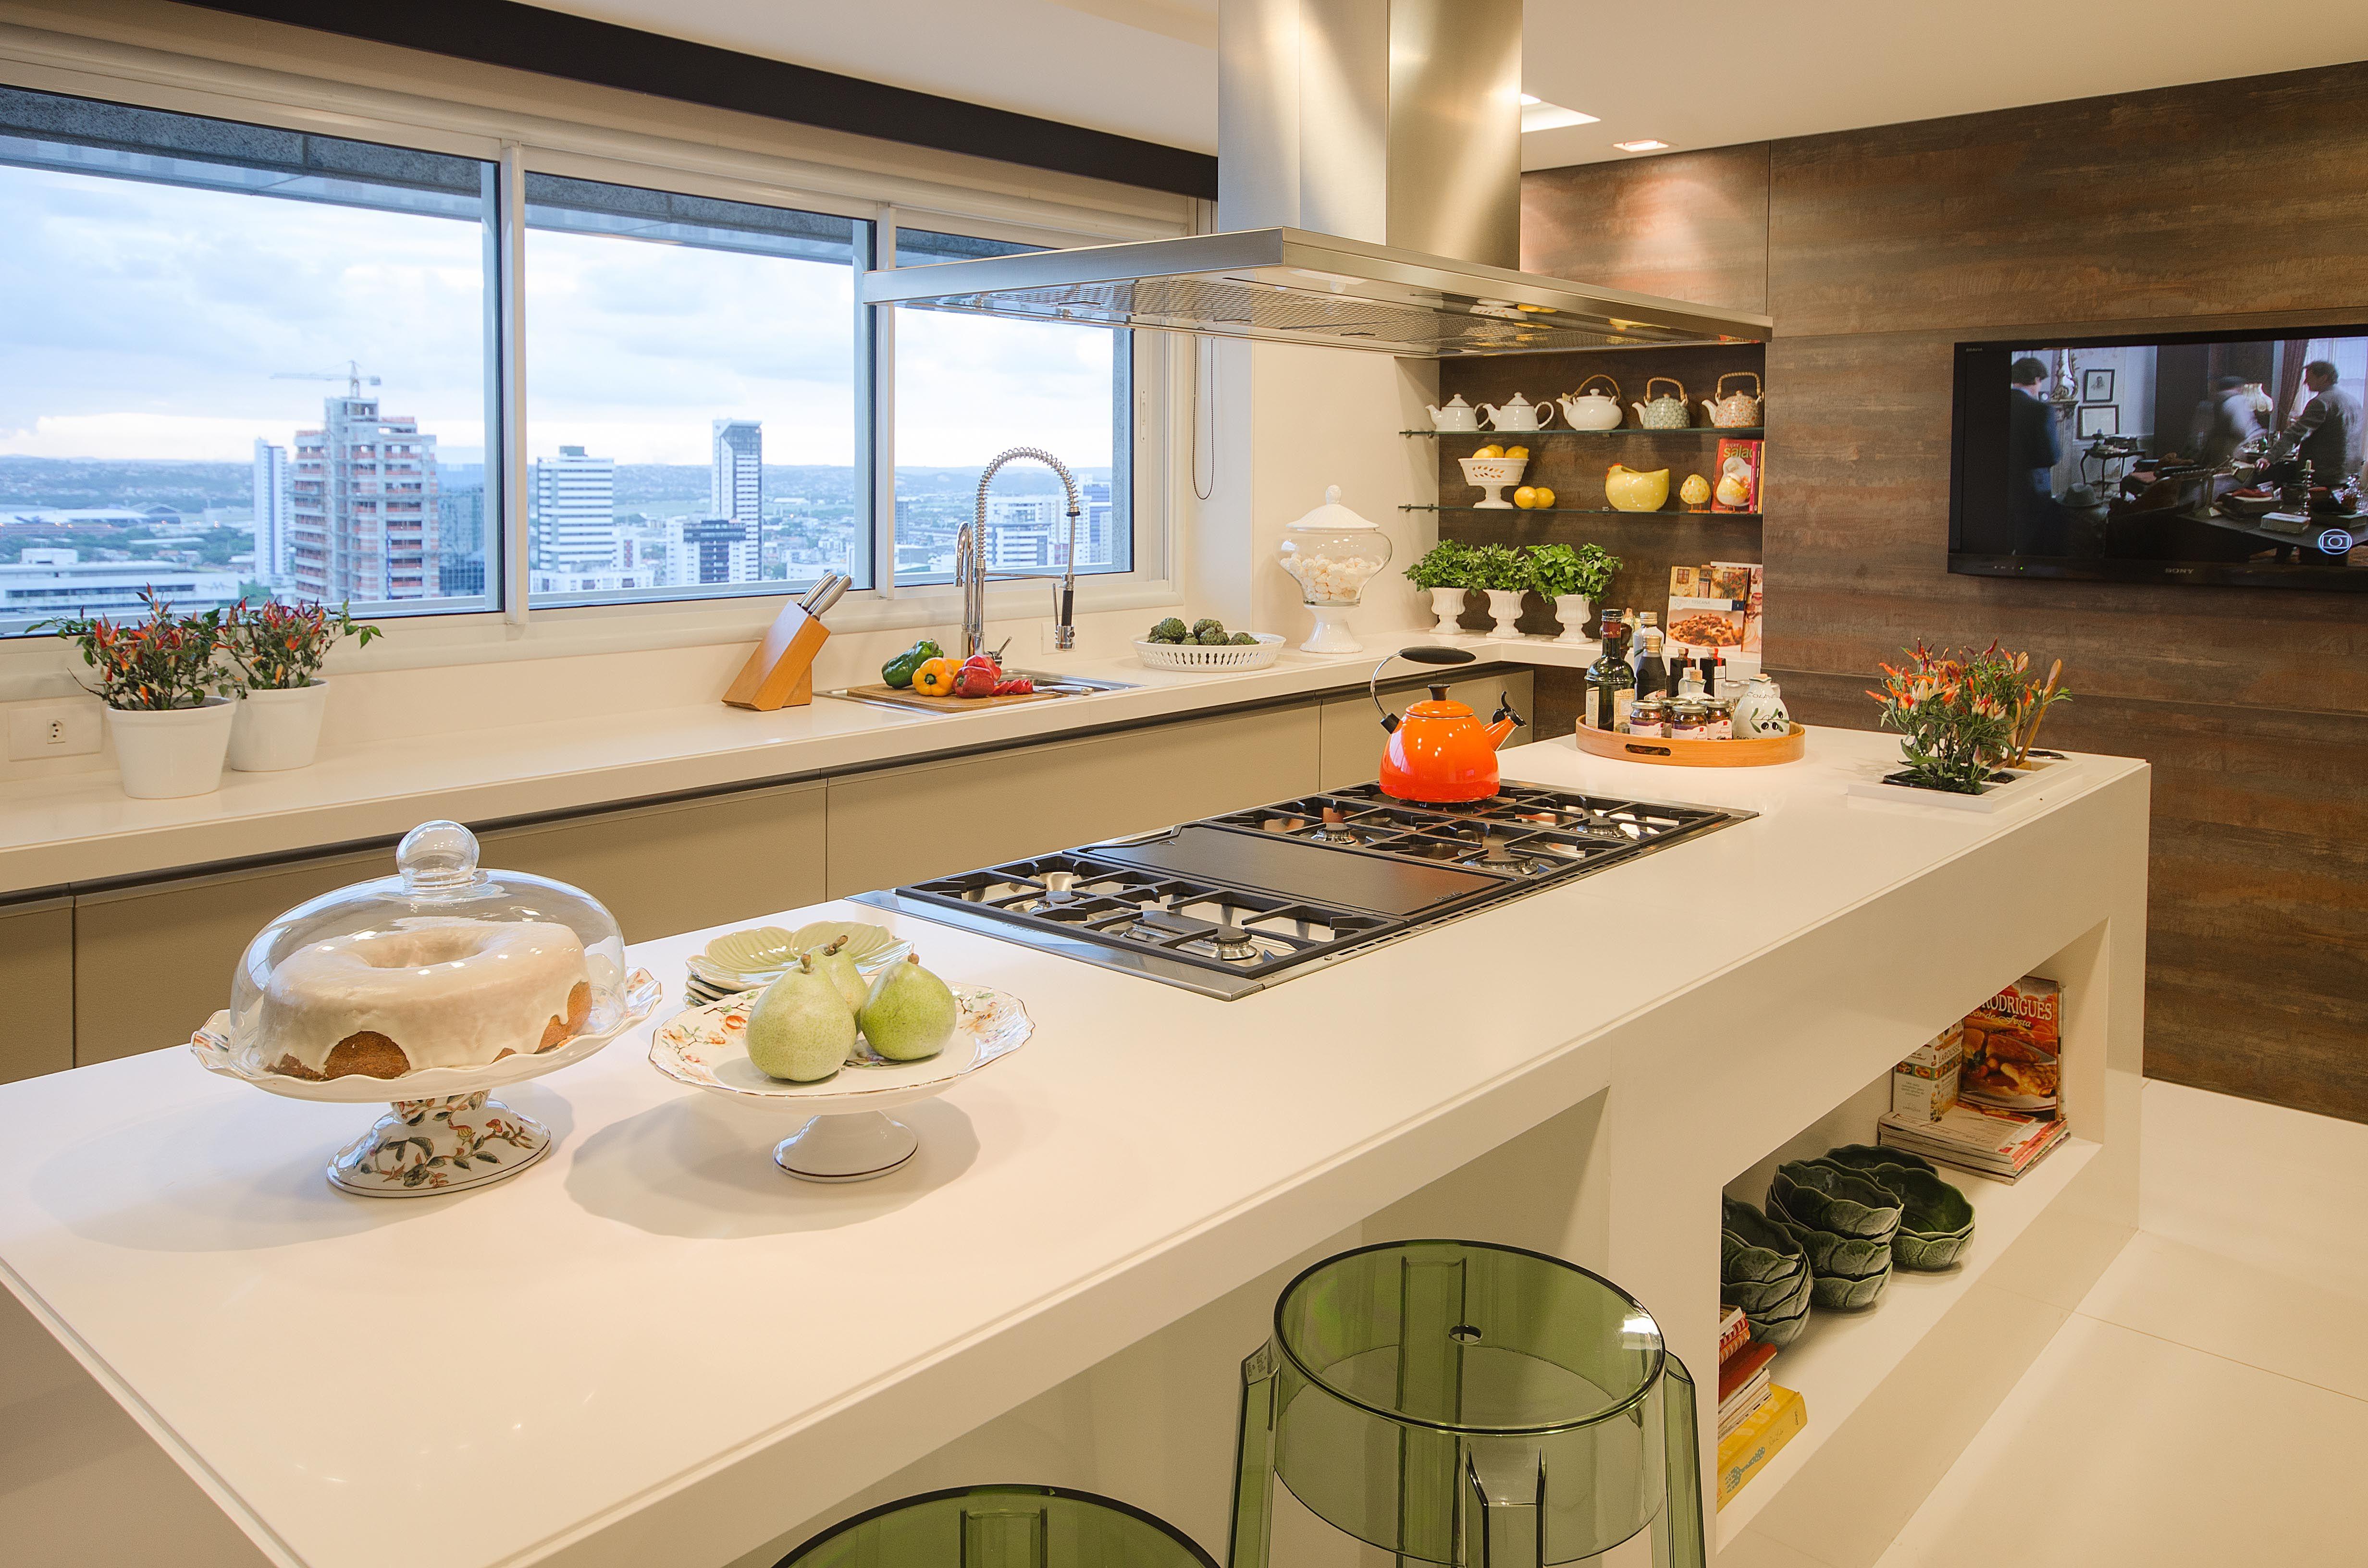 #A56826 cozinhas com ilha marcia nejaim 4928x3264 px Fotos De Projetos De Cozinha_967 Imagens